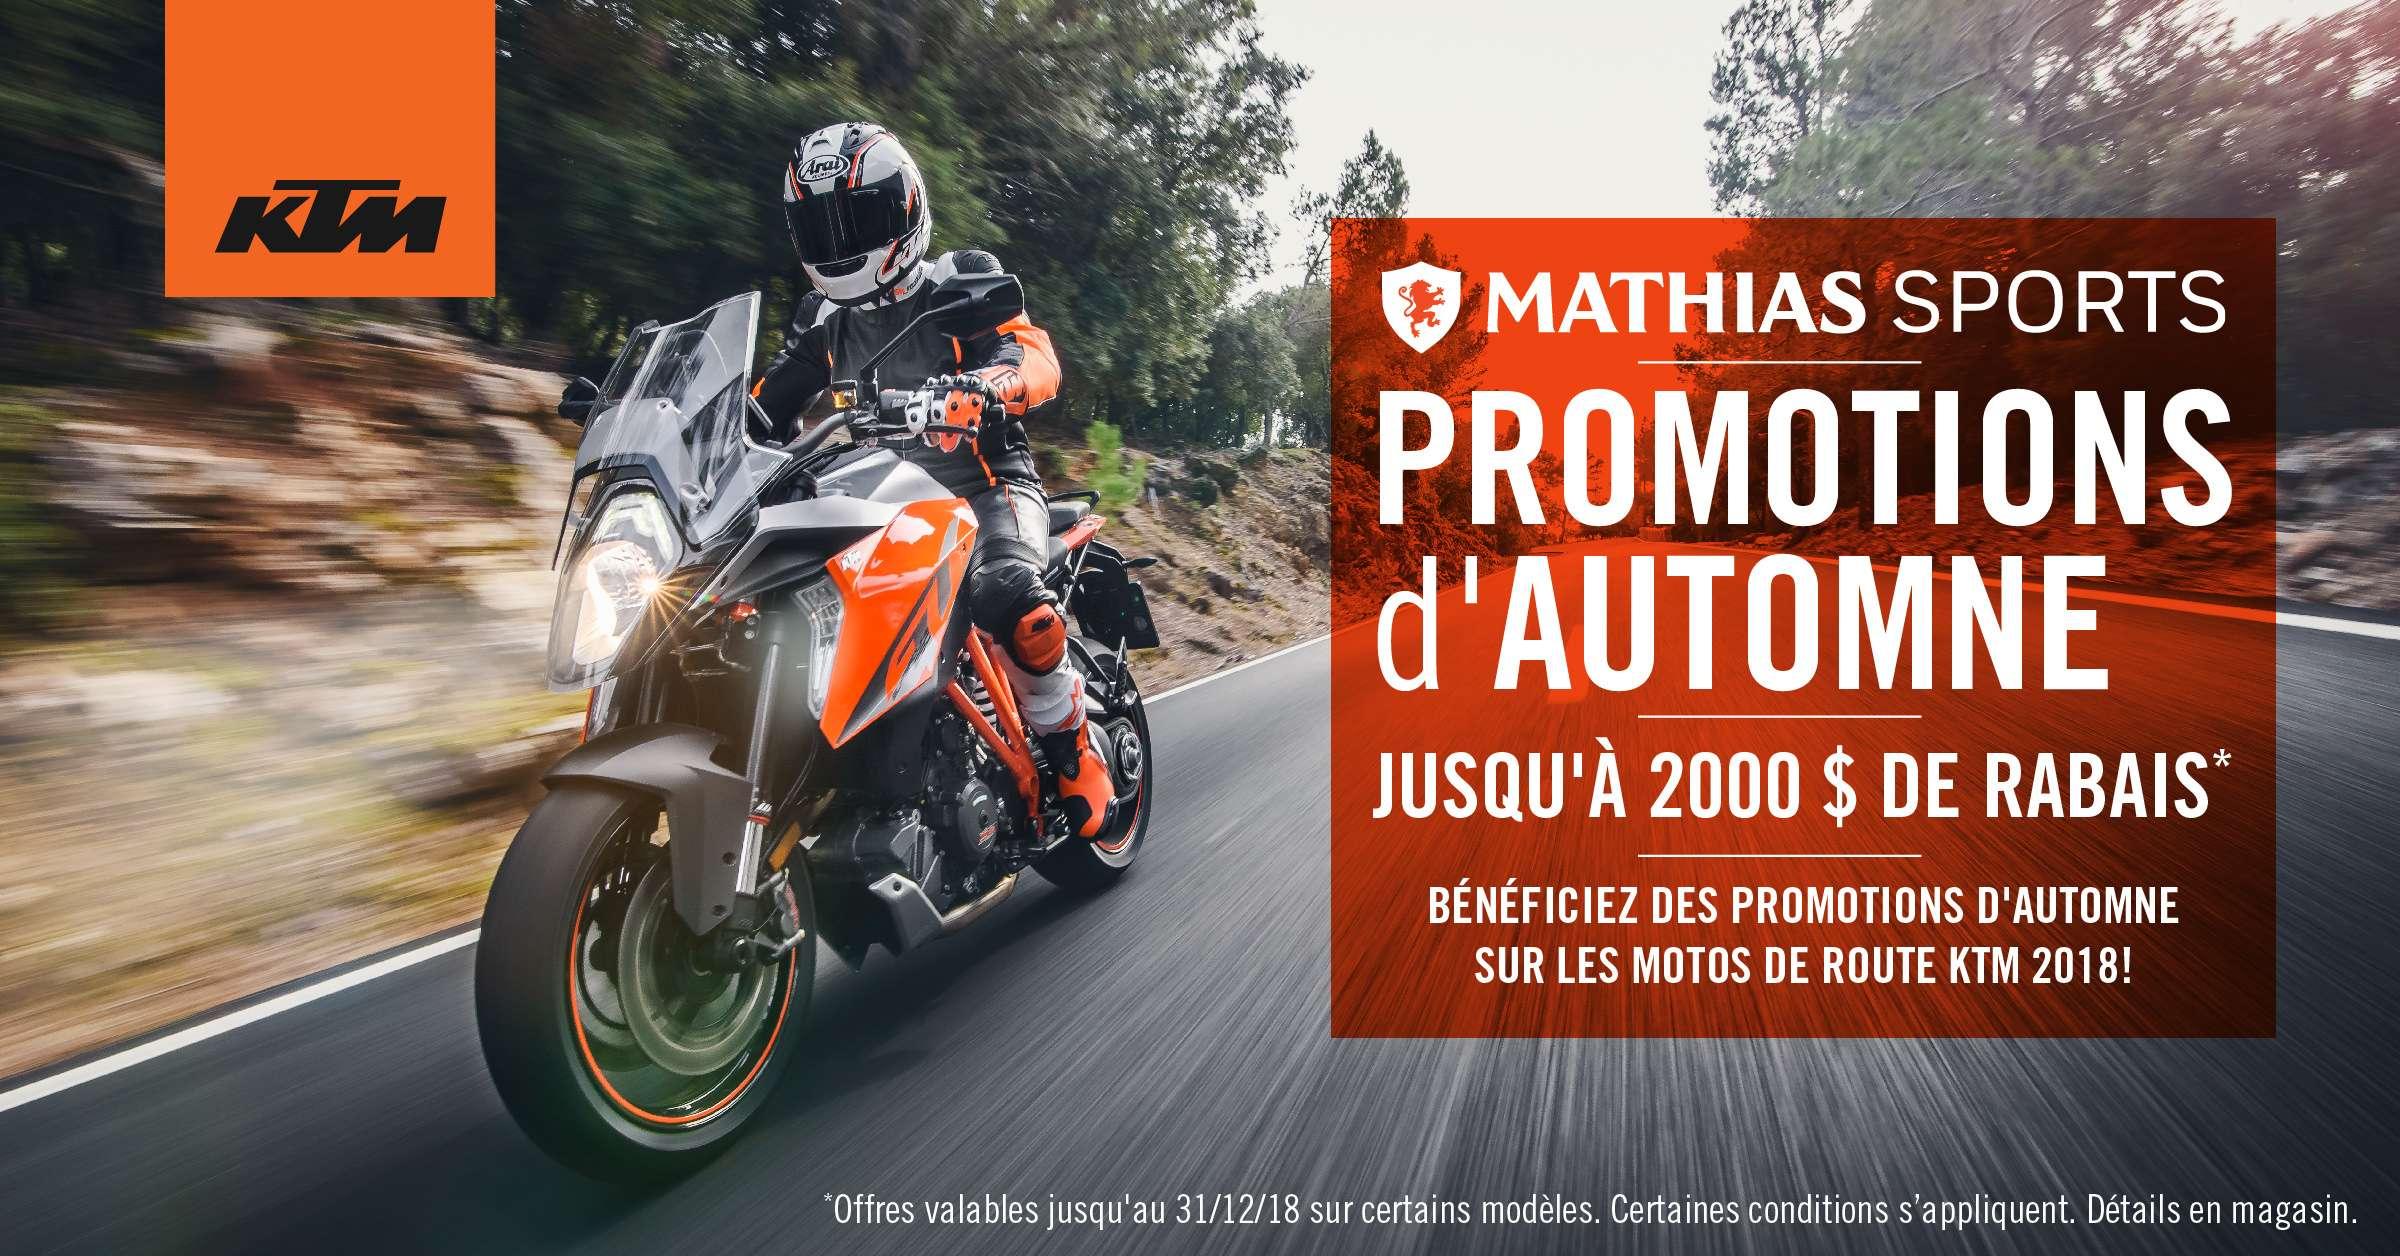 Bénéficiez des promotions d'automne sur les motos de route KTM!